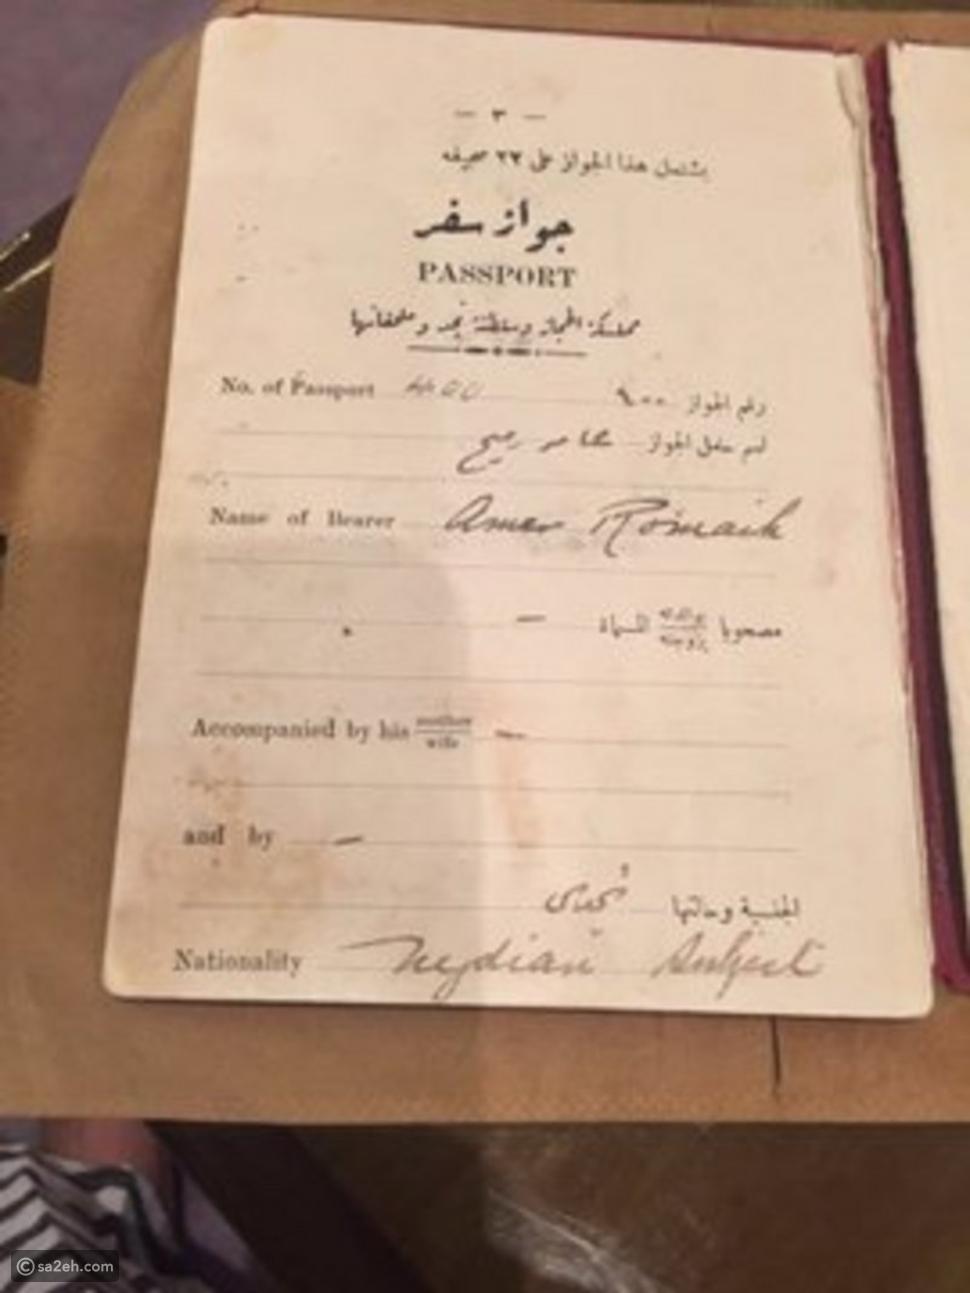 صورة نادرة لأقدم جواز سفر سعودي